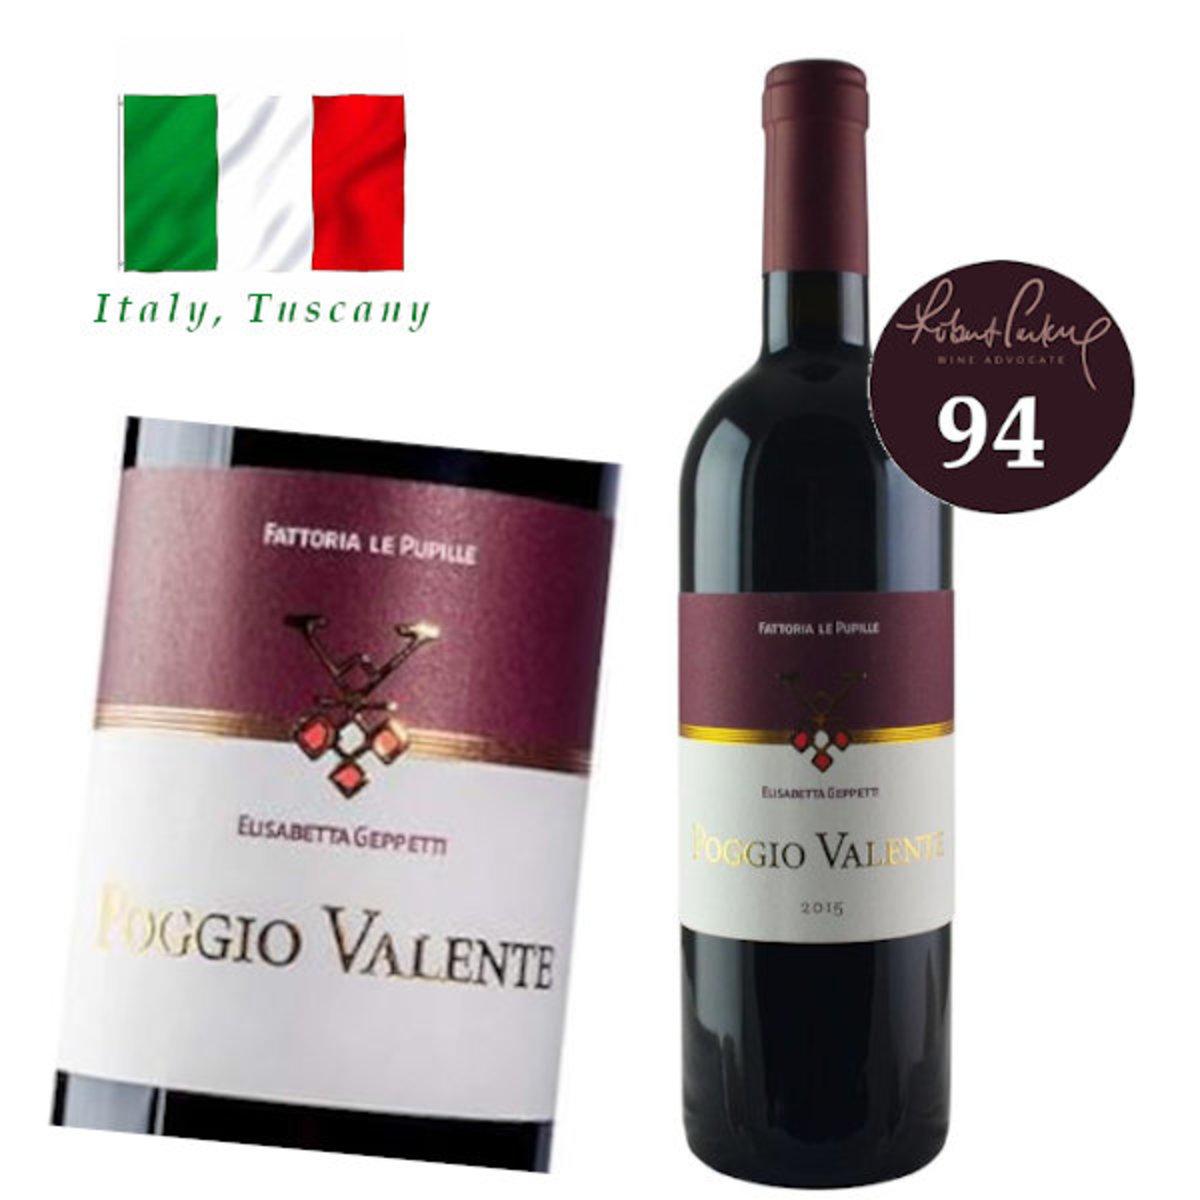 Poggio Valente Toscana Rosso IGT 2015 紅酒